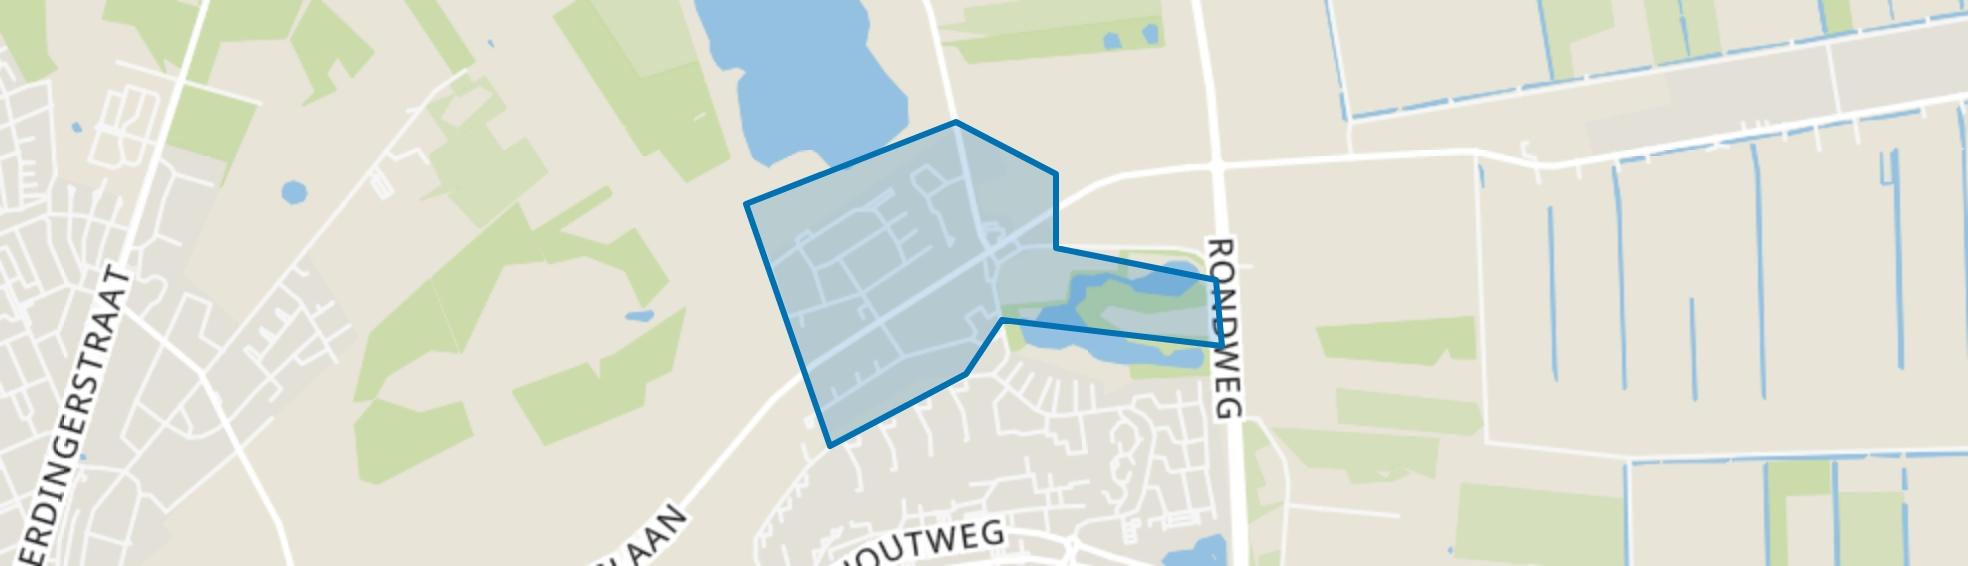 Emmerschans, Emmen map